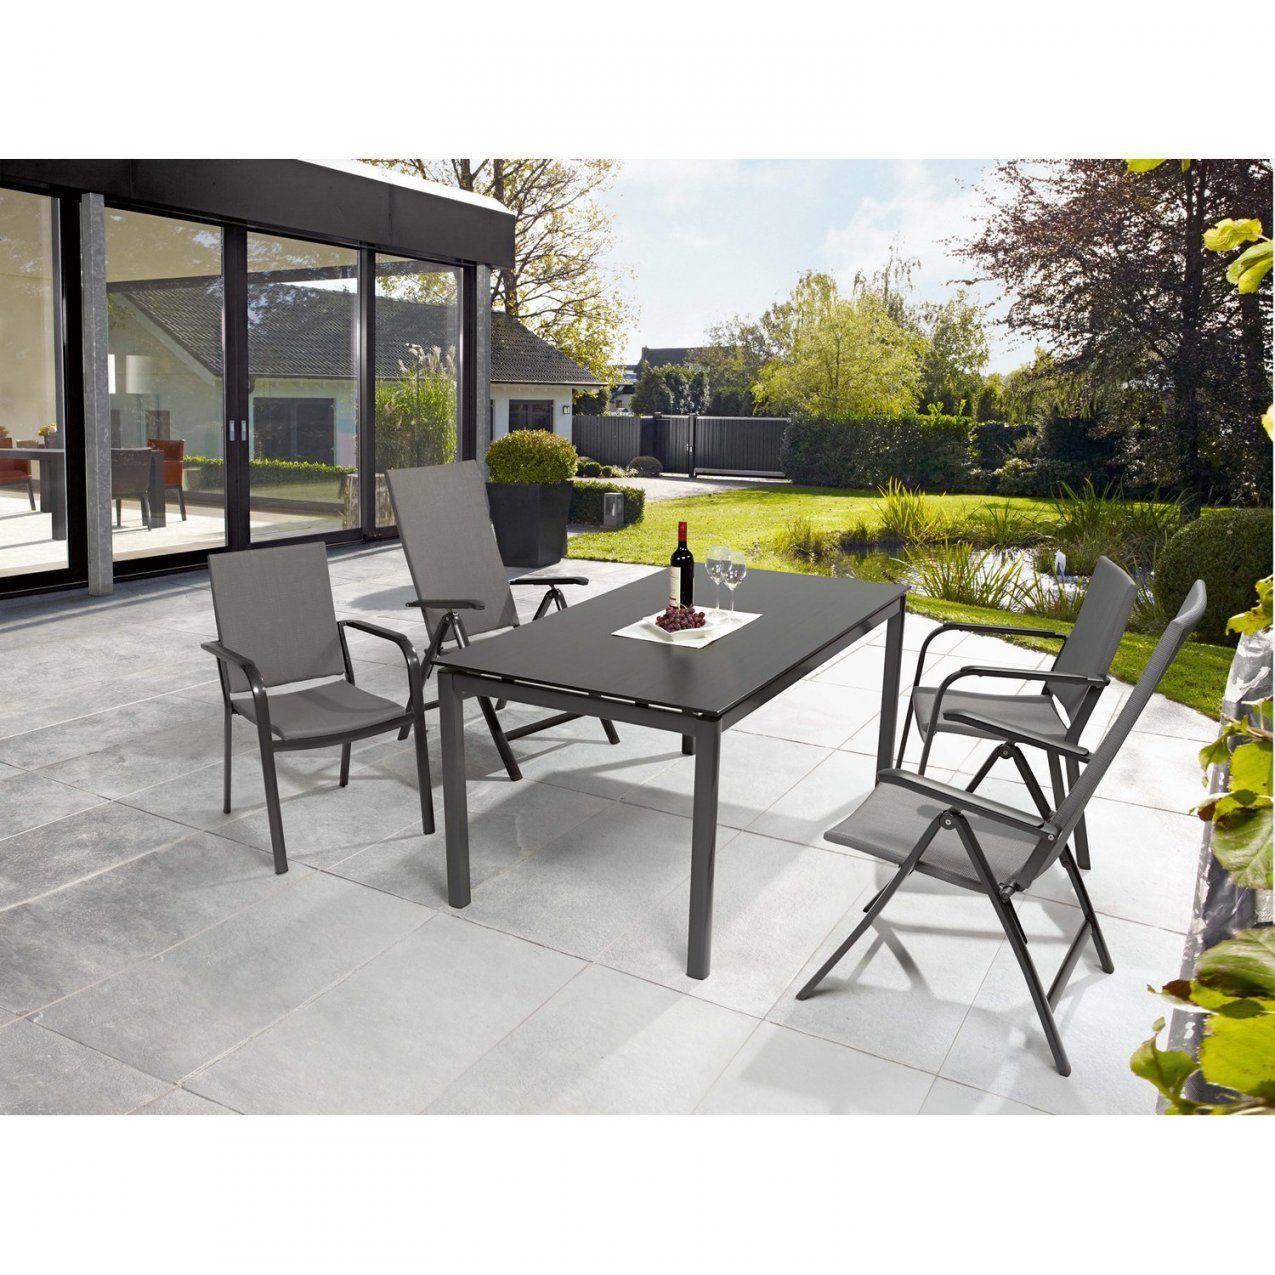 Obi Tisch Pacora Kaufen Bei Obi von Tisch Selber Bauen Obi Bild